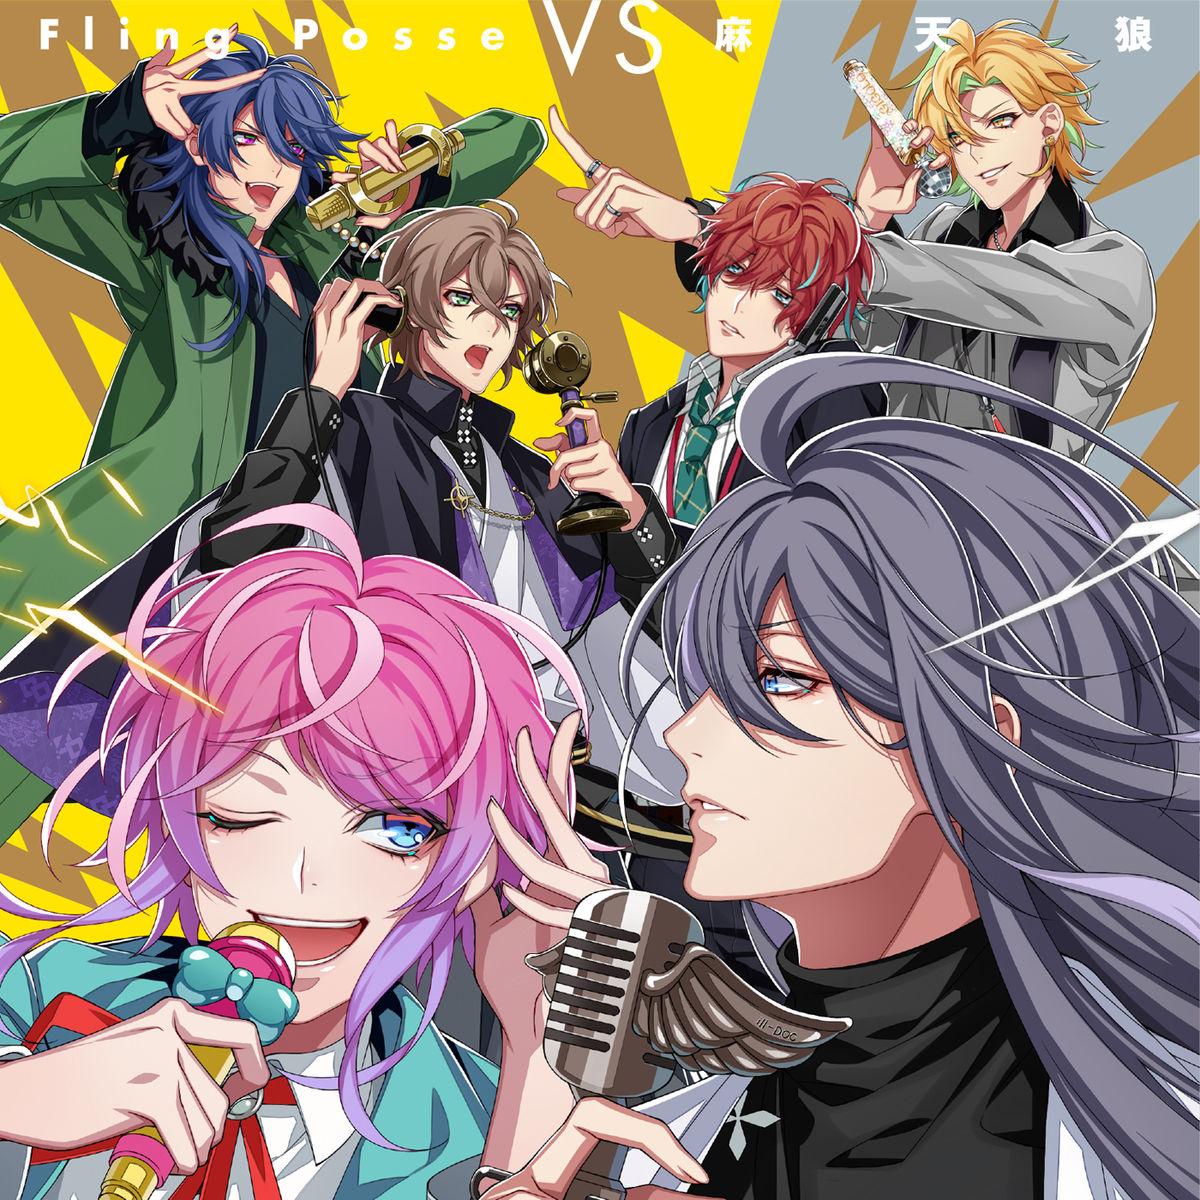 『麻天狼 - Shinjuku Style ~笑わすな~』収録の『ヒプノシスマイク Fling Posse VS 麻天狼』ジャケット